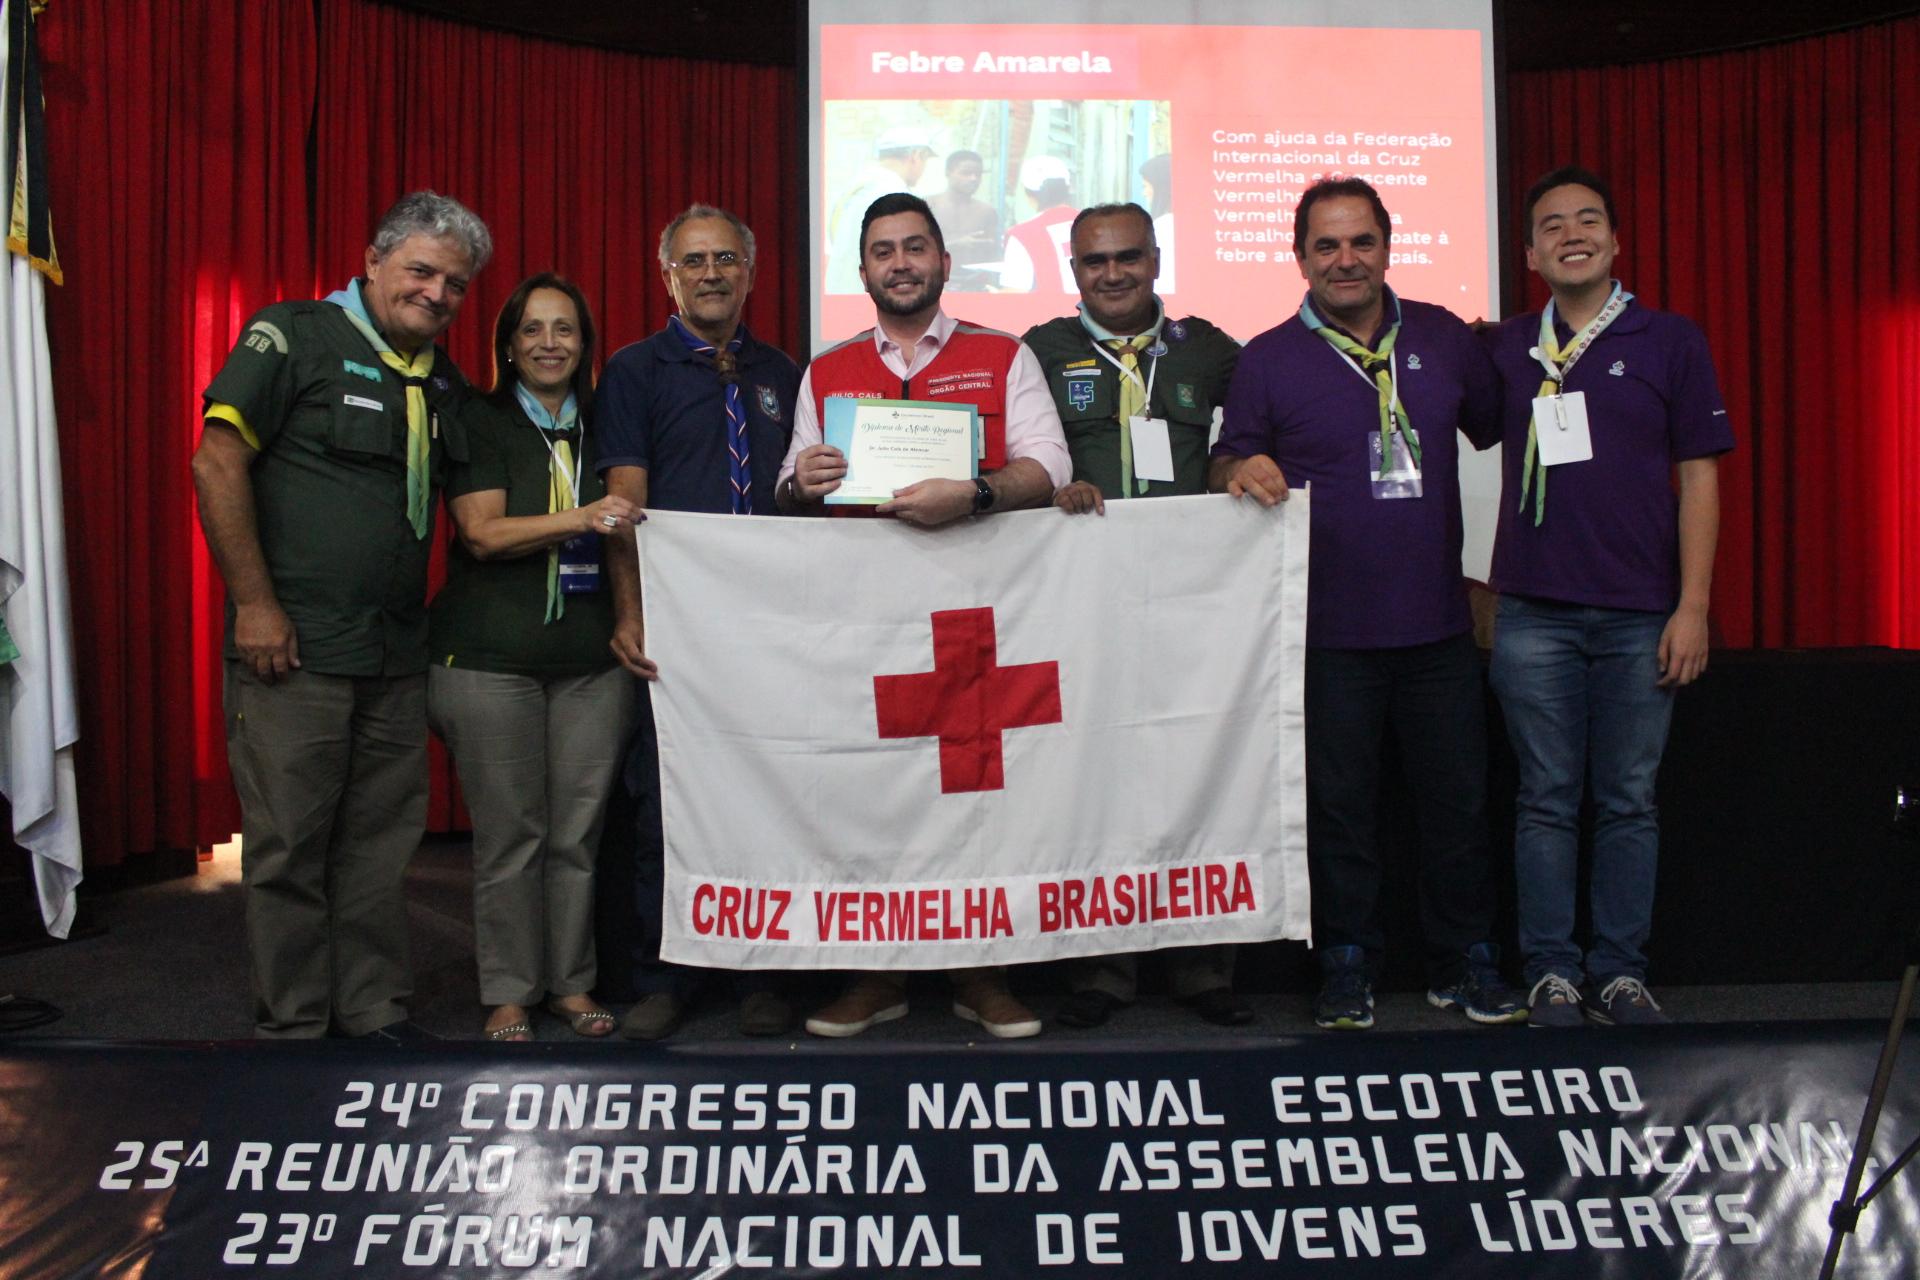 fd862ff338e Cruz Vermelha Brasileira e Escoteiros do Brasil divulgam Protocolo de  Relacionamento para parceria entre instituições (